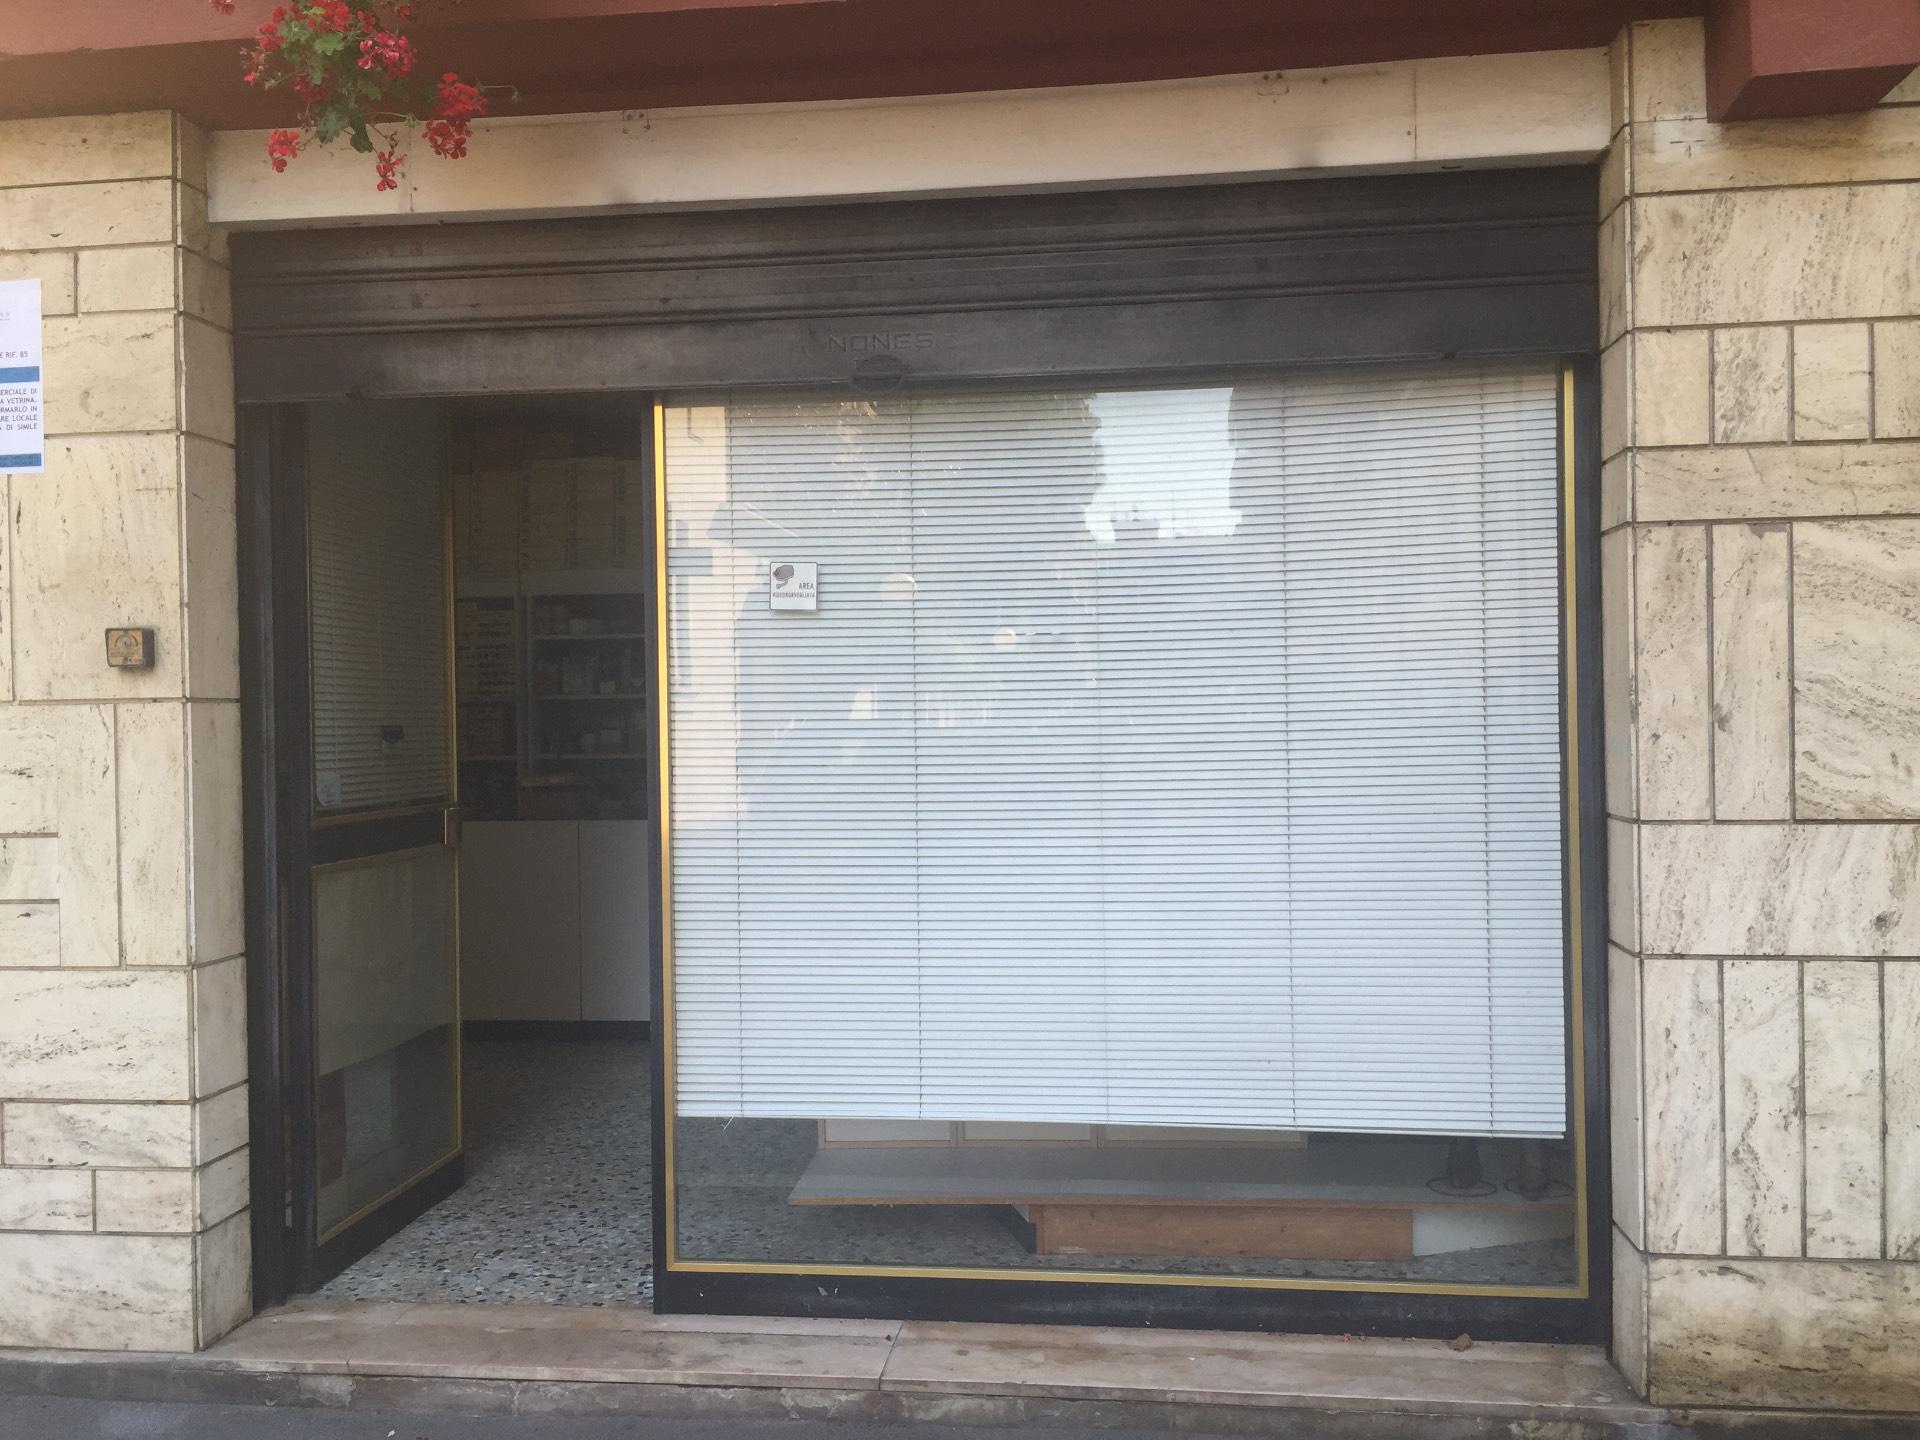 Negozio / Locale in vendita a Pescara, 9999 locali, zona Zona: Centro, prezzo € 65.000   Cambio Casa.it